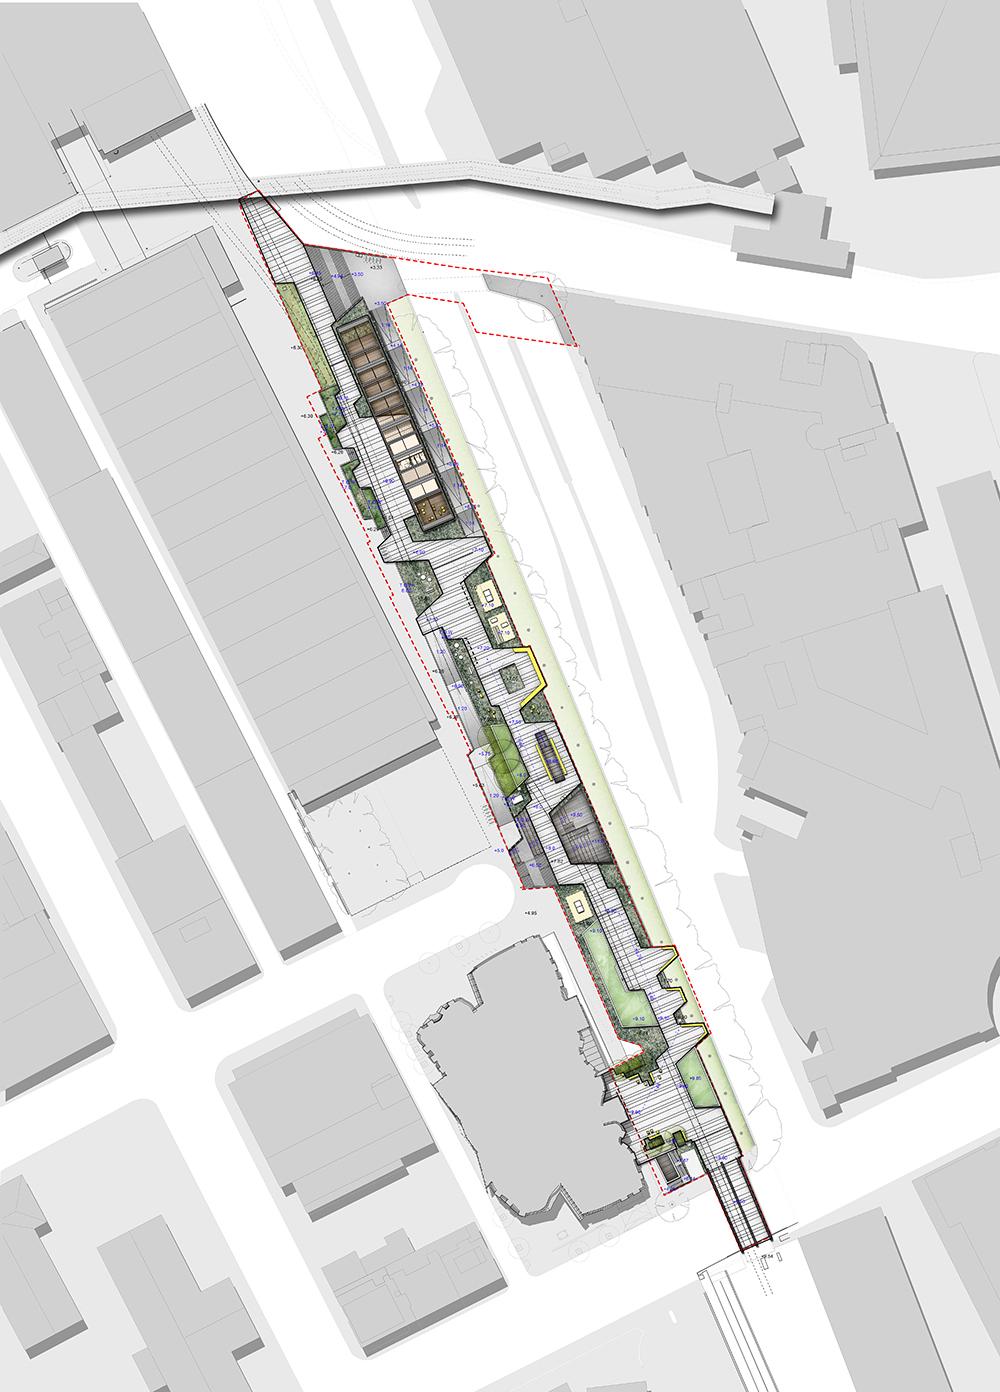 03_ASPECTStudios_TheGoodsLineNORTH_concept plan.jpg